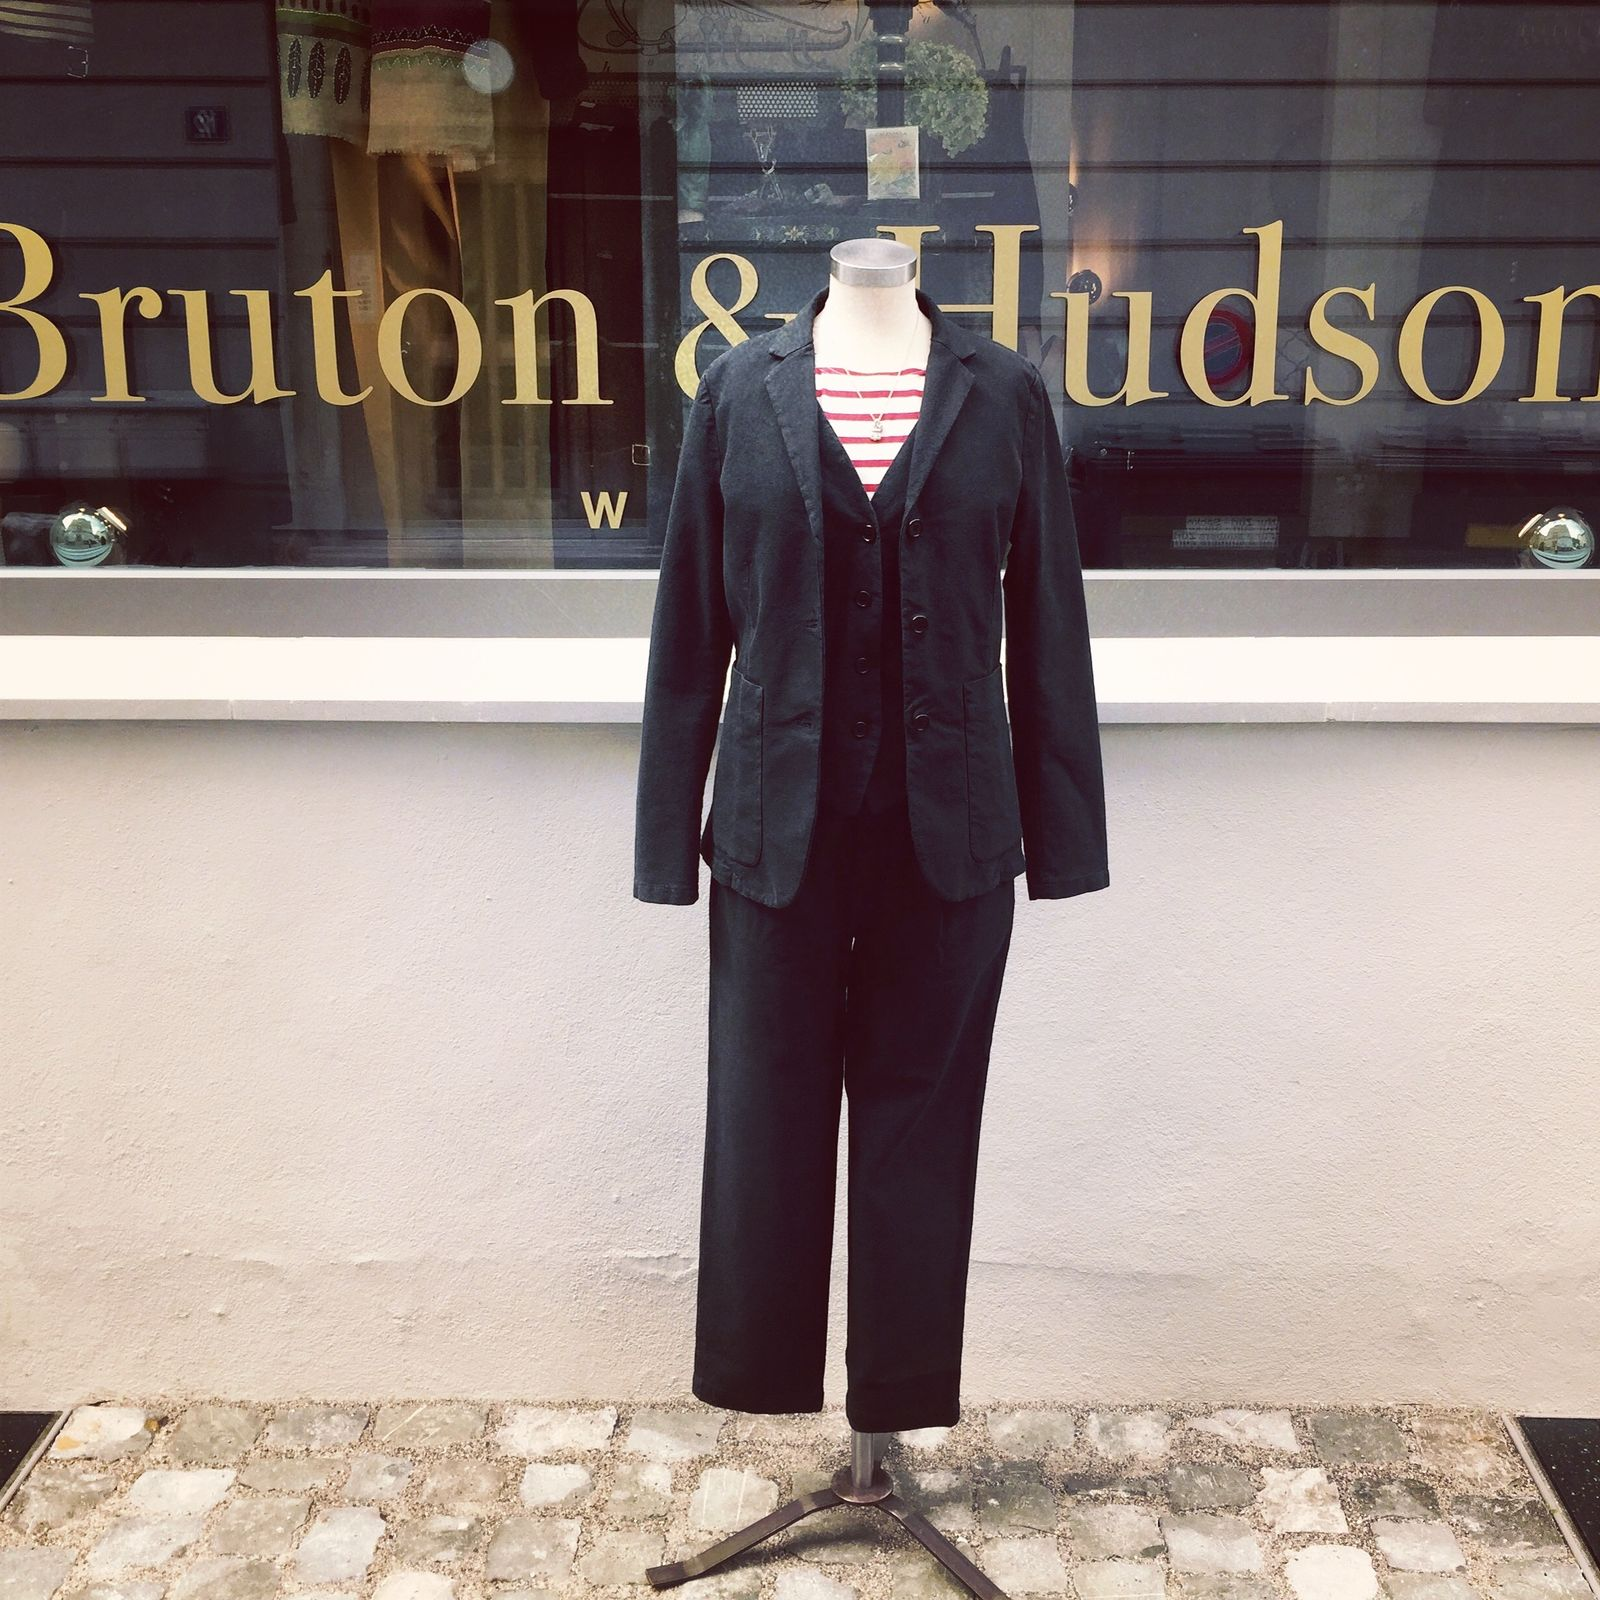 Bruton & Hudson à Zurich (Bild 1)